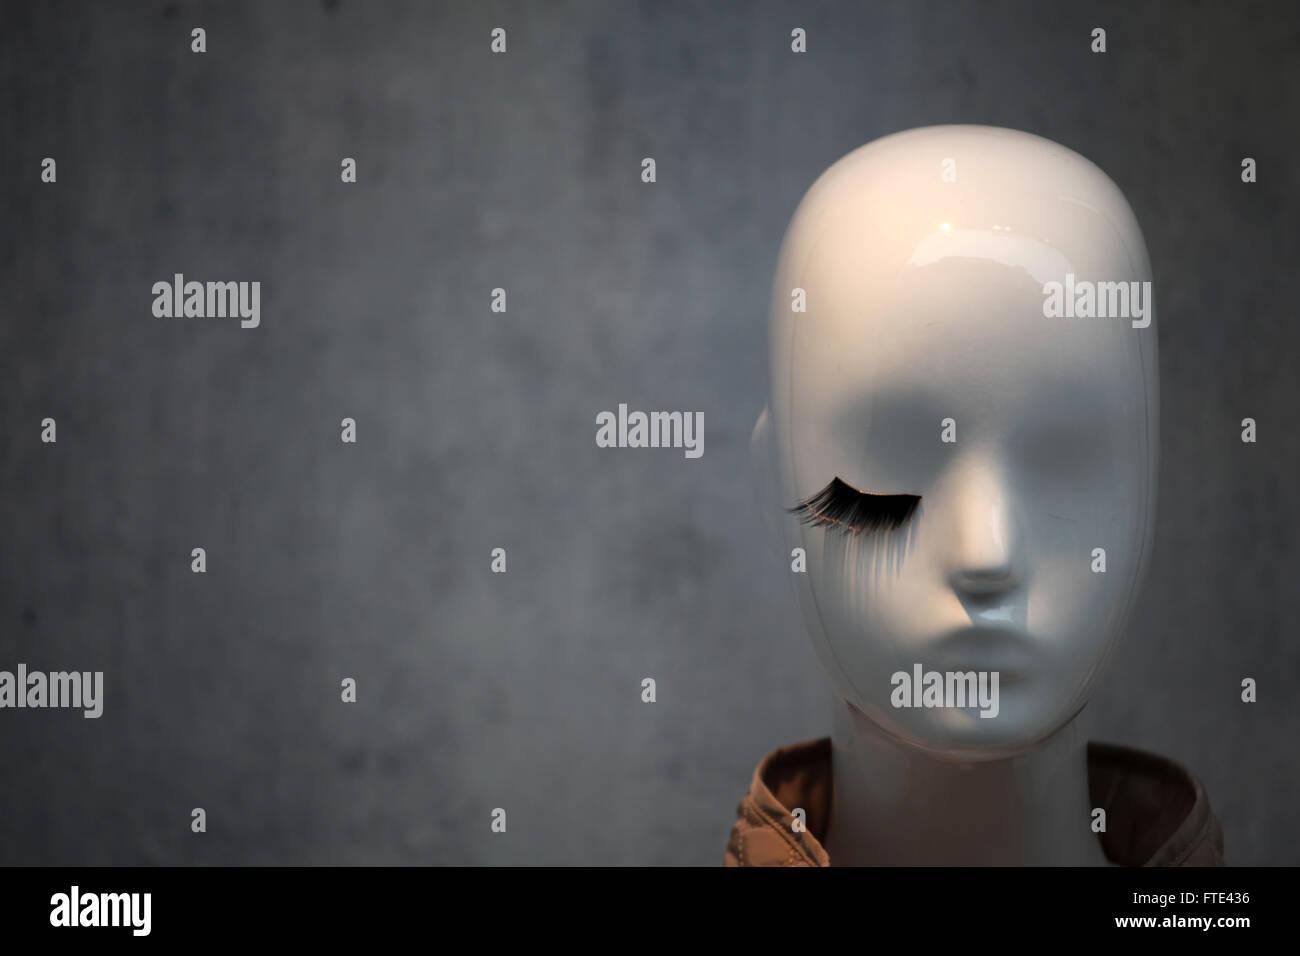 Weiße Schaufensterpuppe Kopf mit einem schwarzen Wimpern. Stockbild